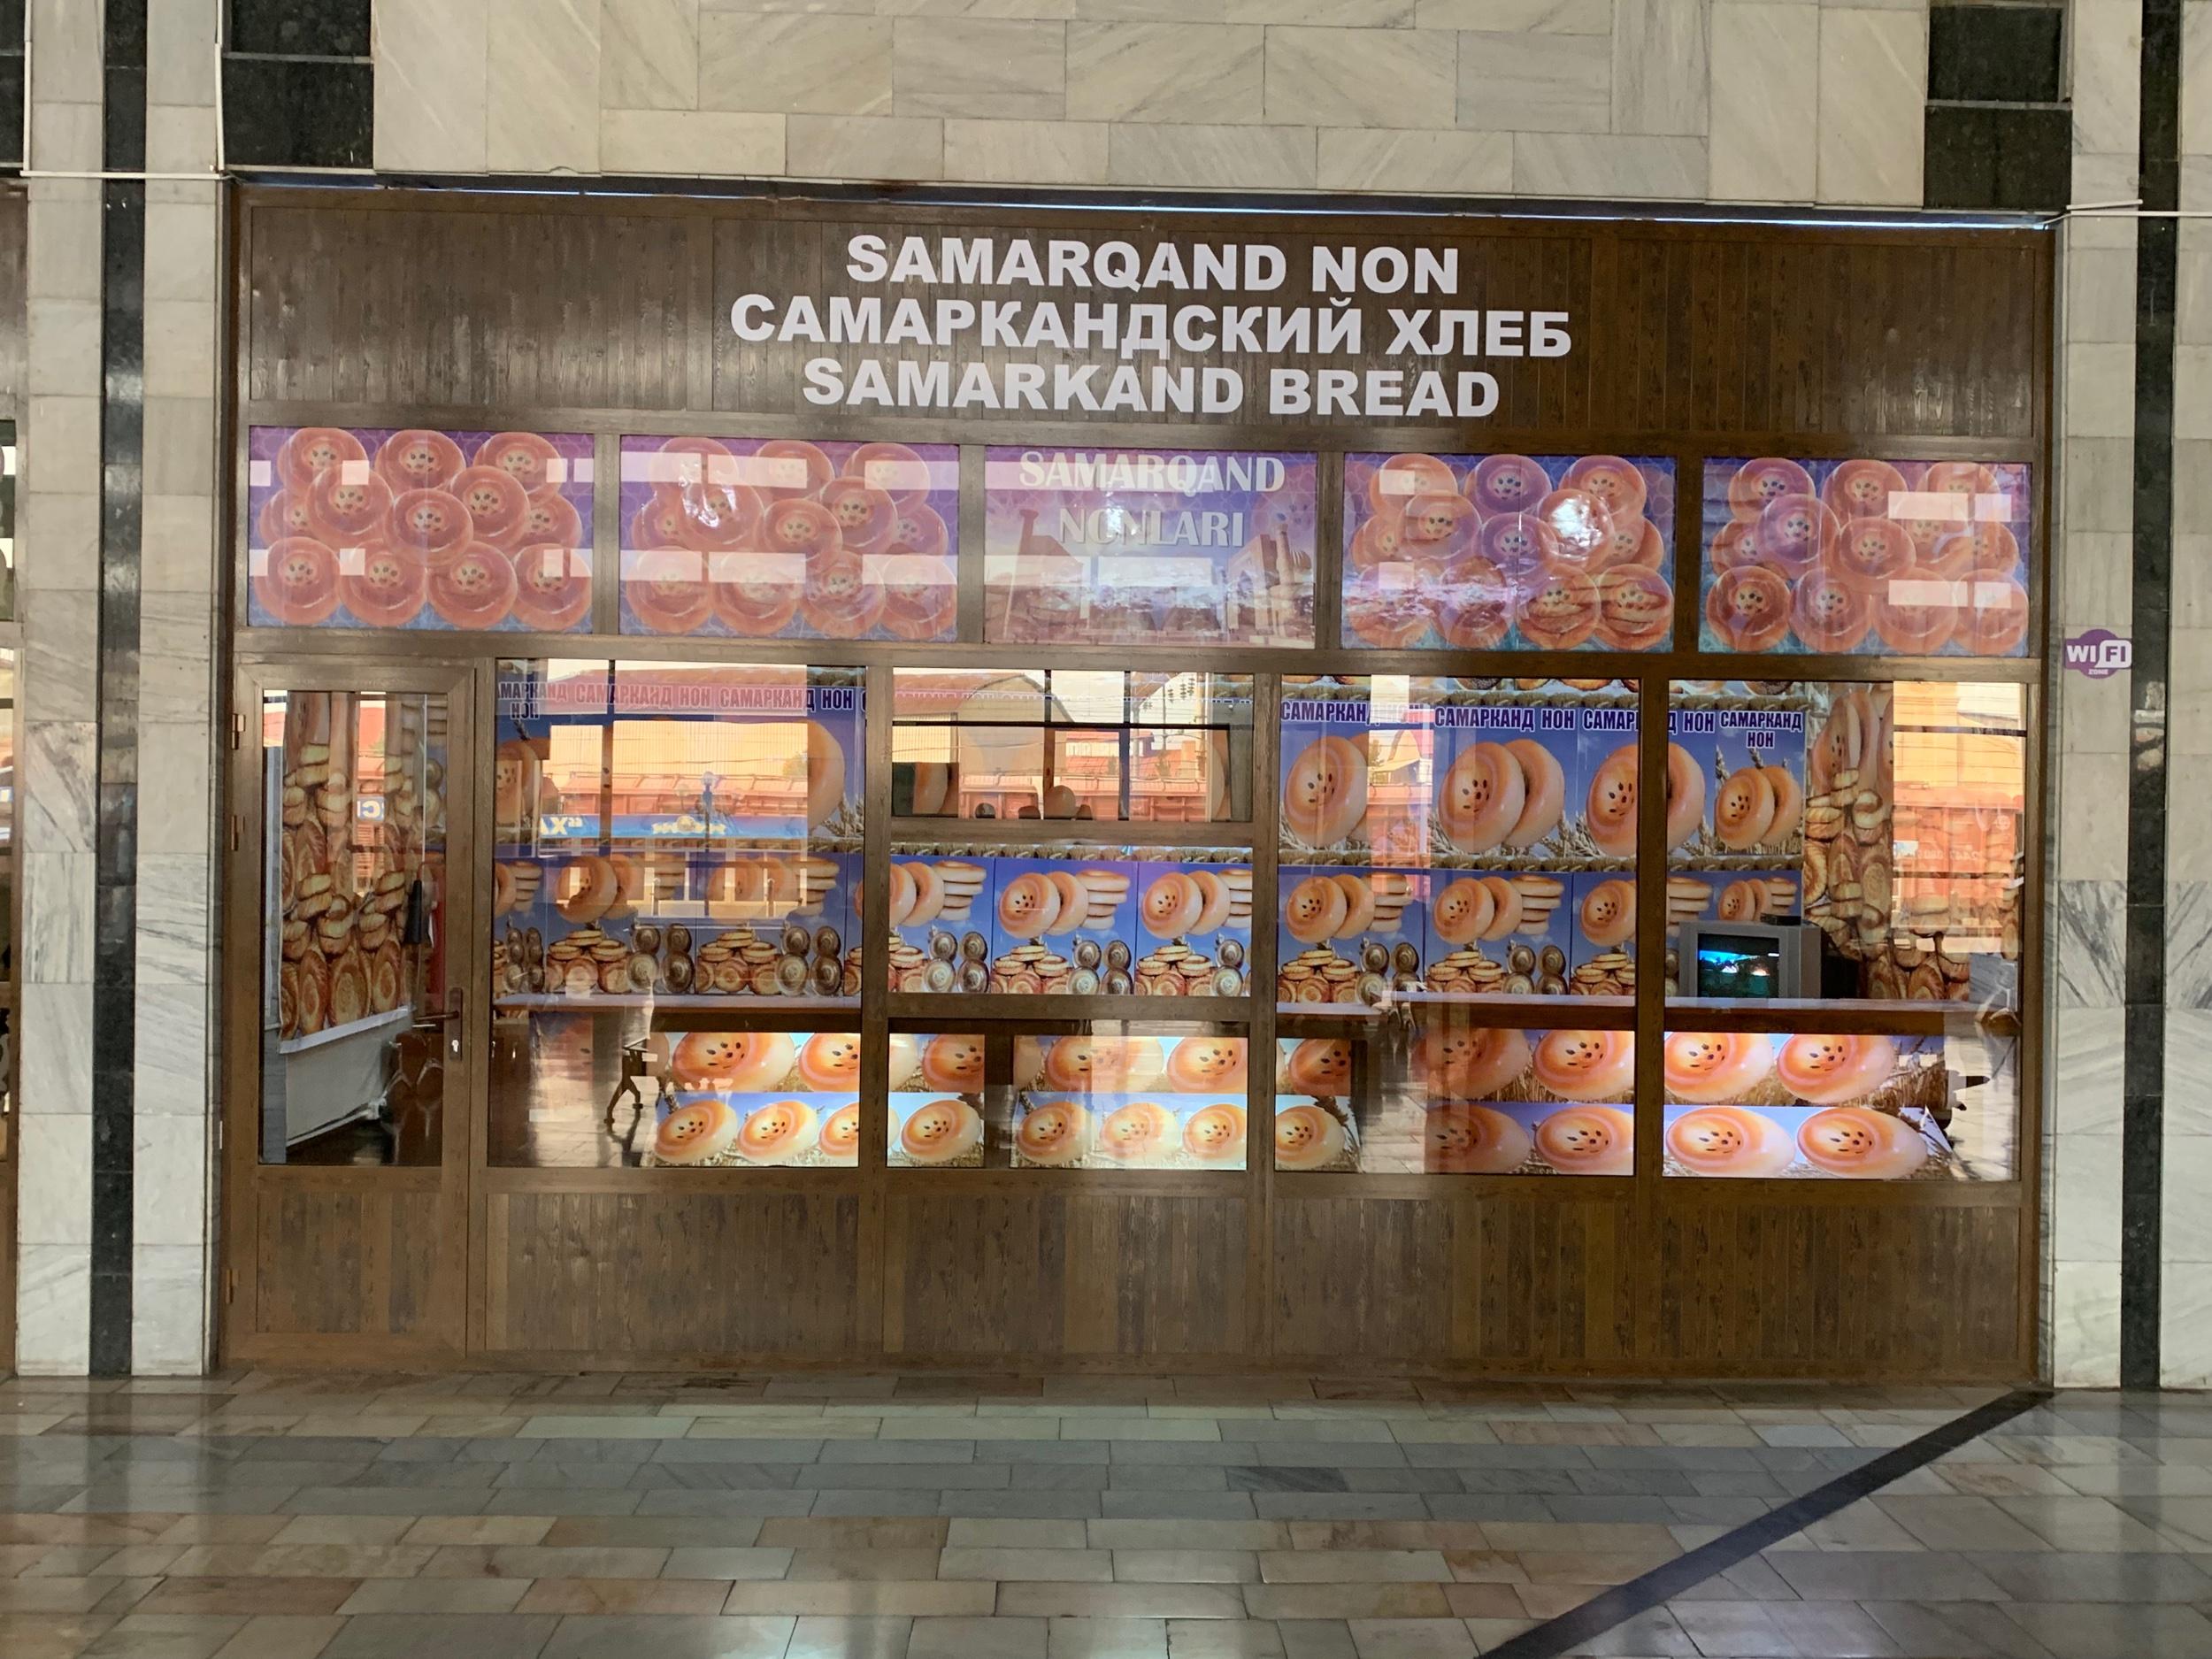 عدة لغات - تم تحديث الكثير من اللوحات لتصبح باللغة الأوزبكية والروسية والإنجليزية، بعكس السابق حيث كانت باللغة الأوزبكية فقط